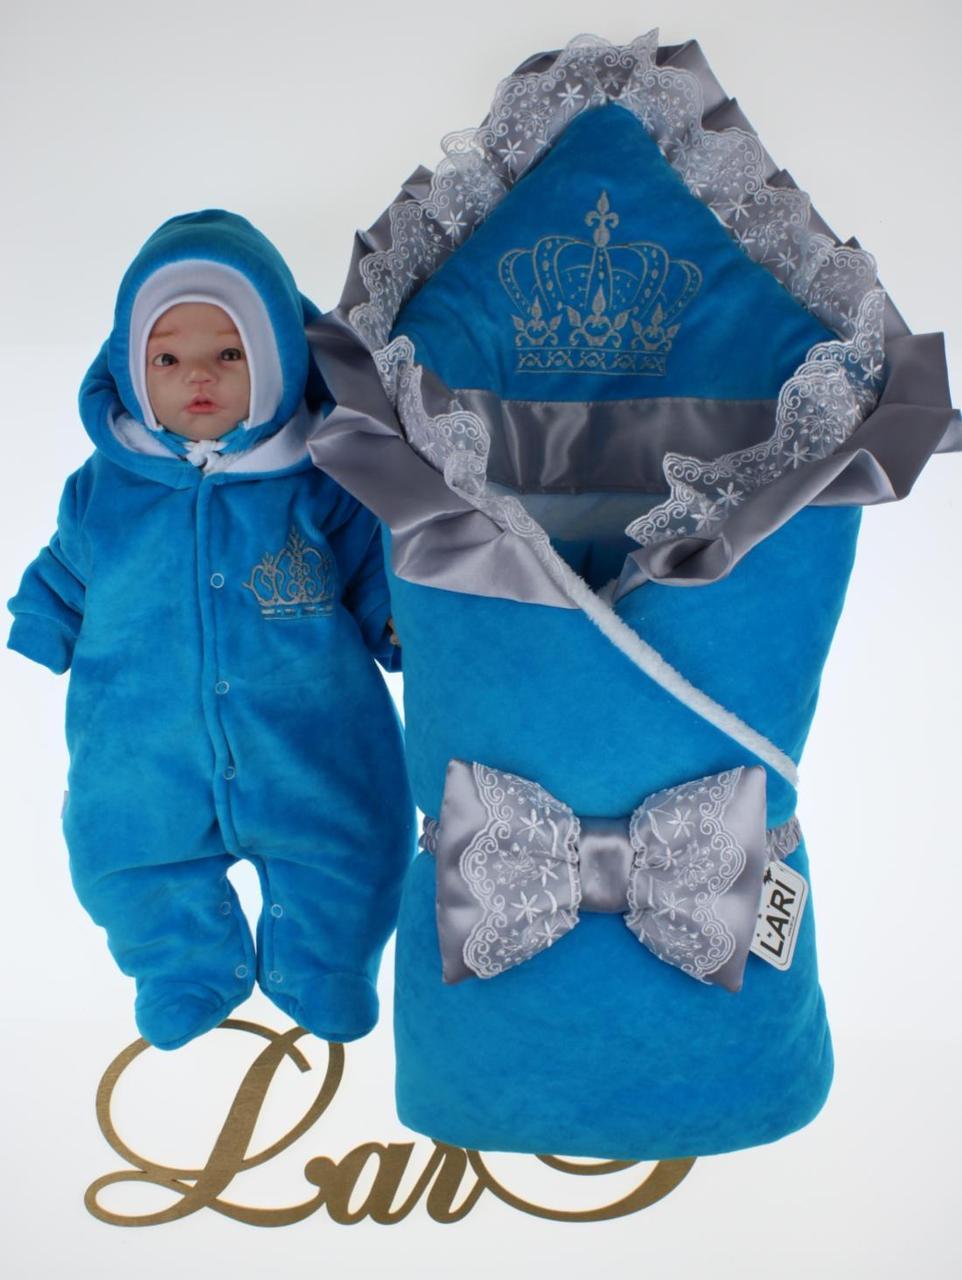 Зимний комплект на выписку для новорожденного мальчика набор Очарование голубой